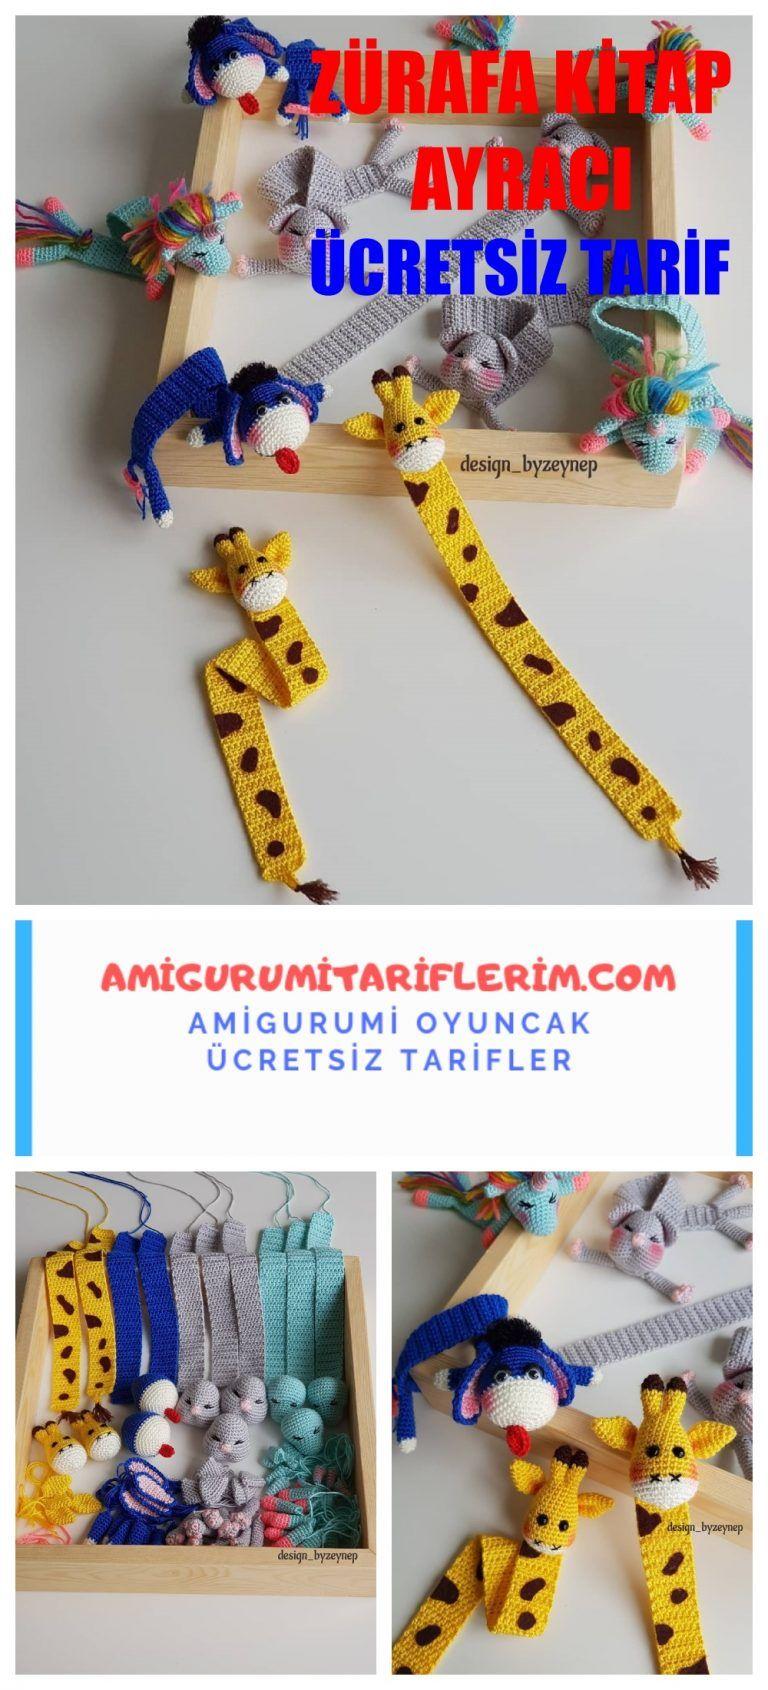 Amigurumi Zürafa Kitap Ayracı Yapımı, 2020 (Görüntüler ile ... | 1690x768